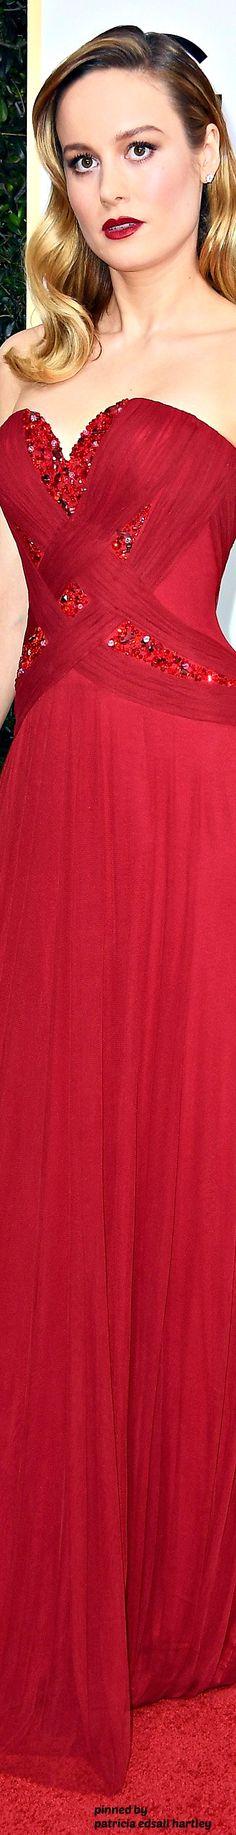 Brie Larson - 2017 Golden Globes Red Carpet (Rodarte)